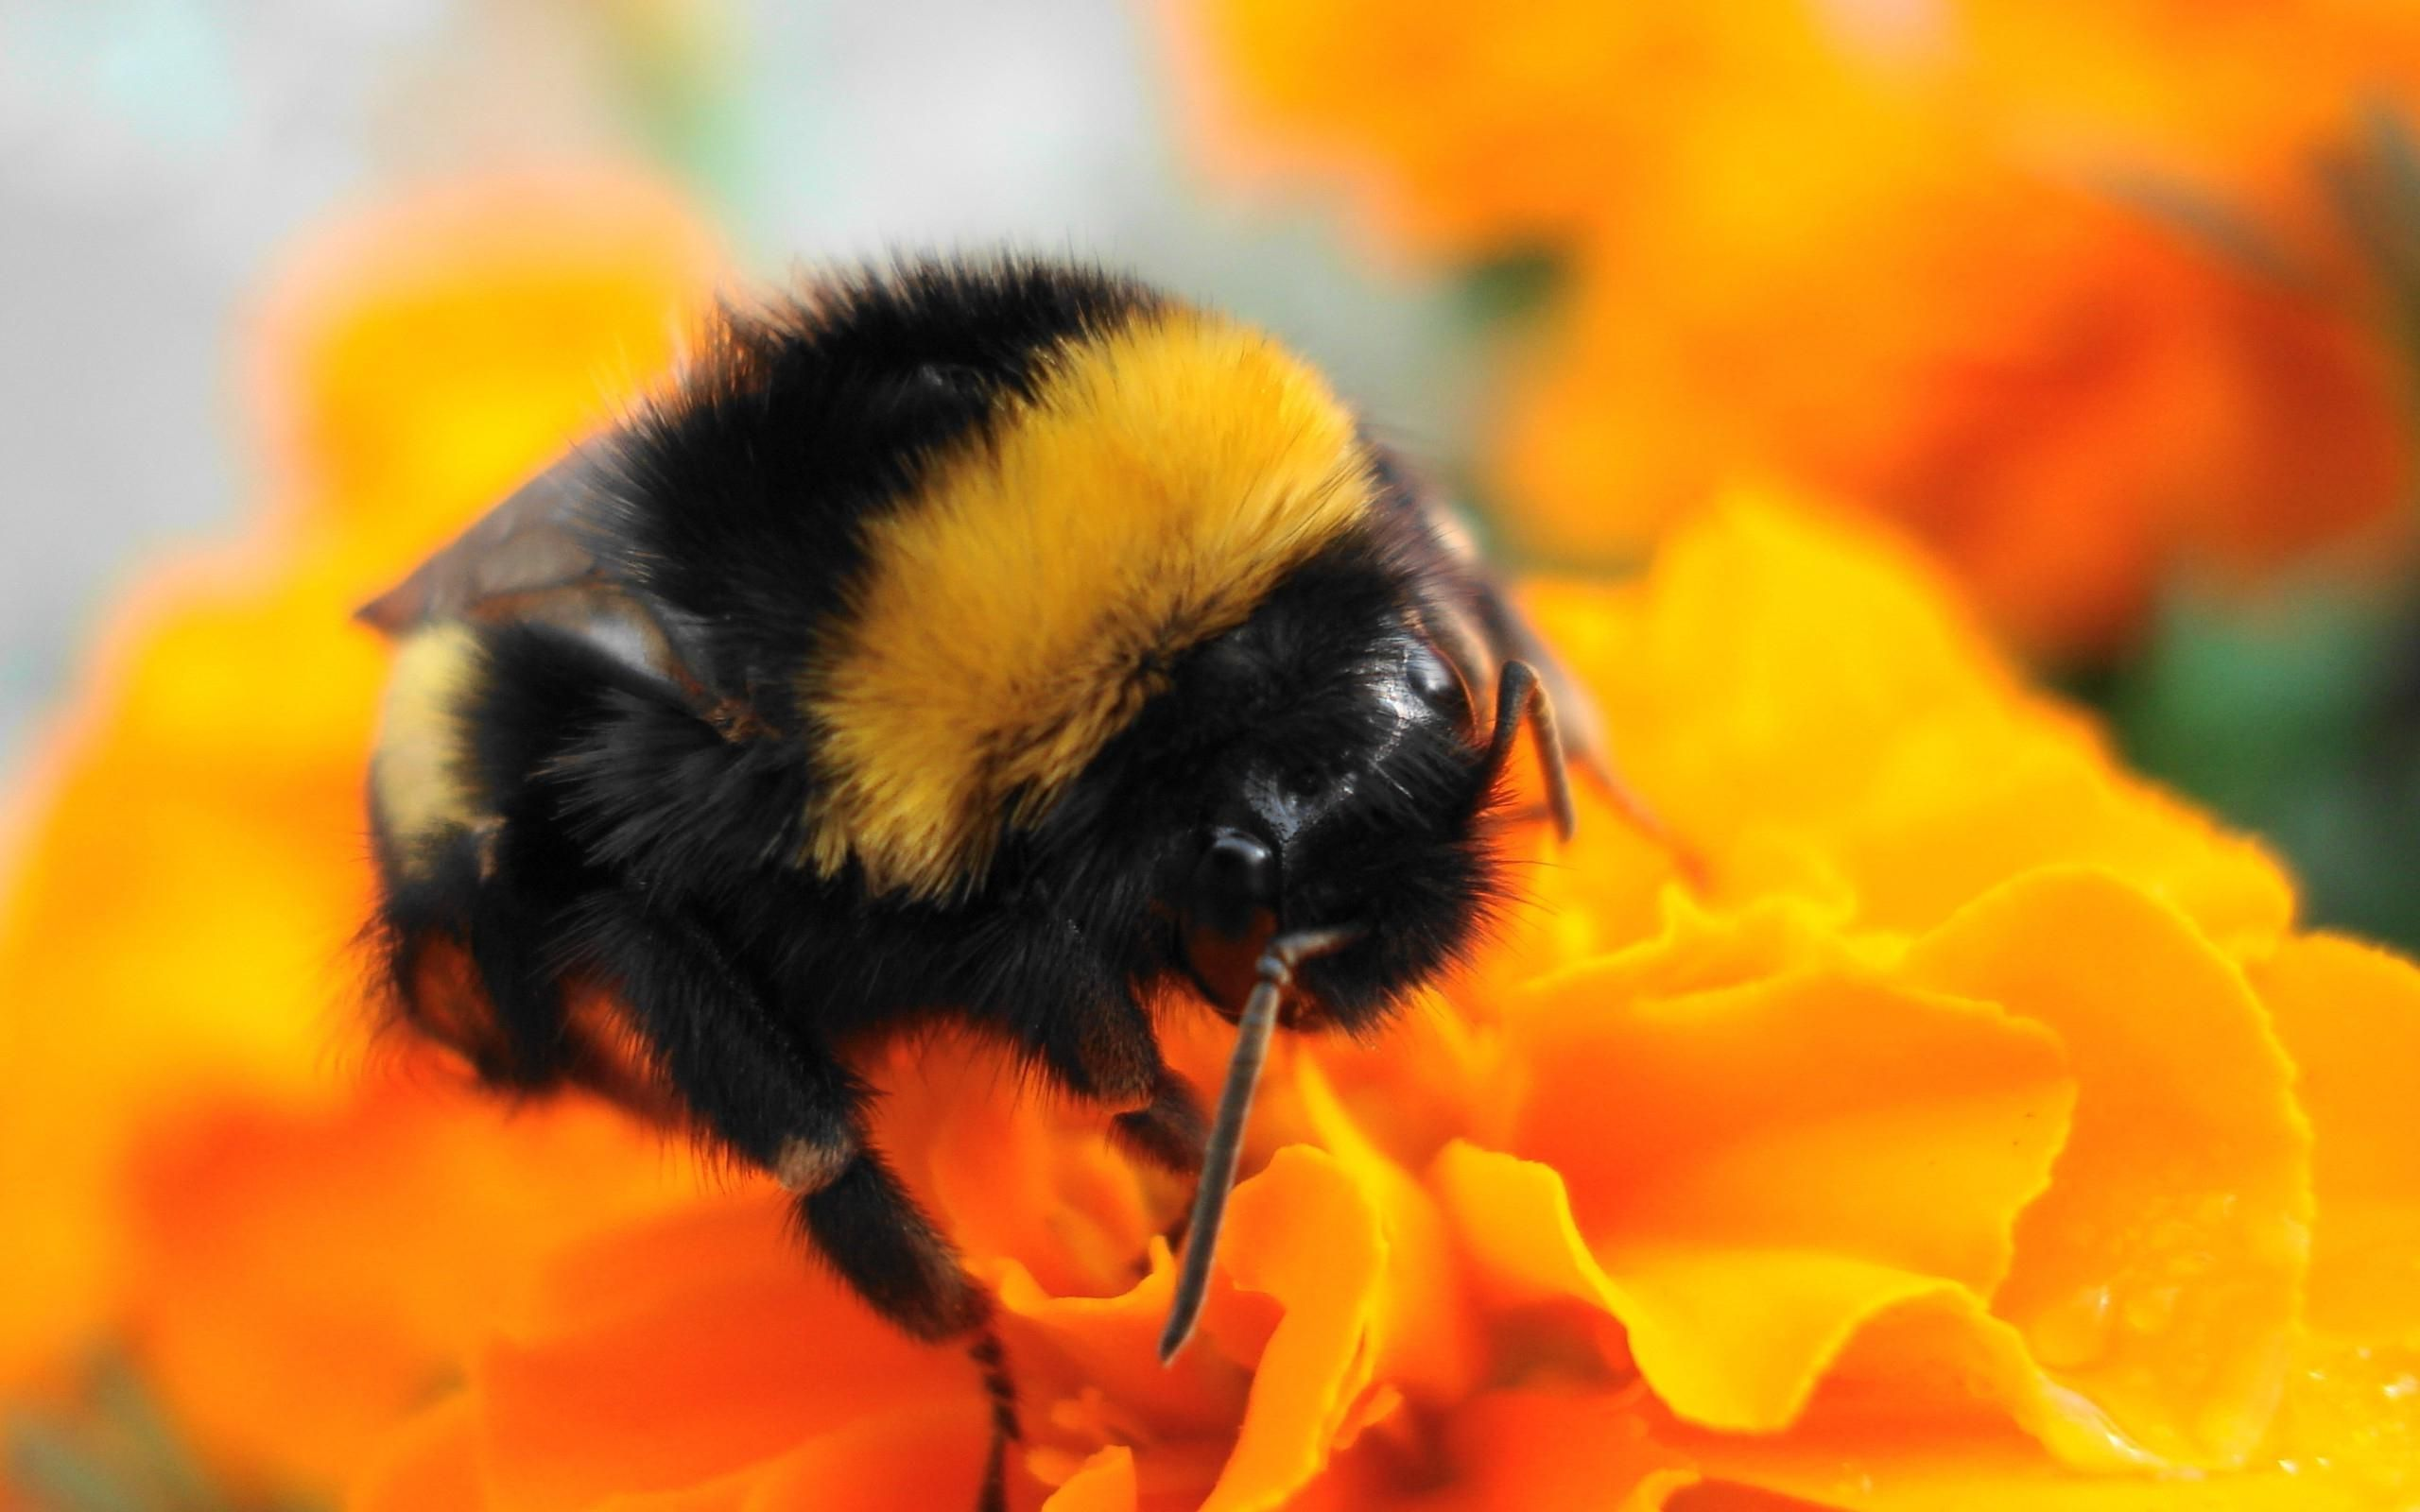 Honey Bees On Flowers Wallpaper